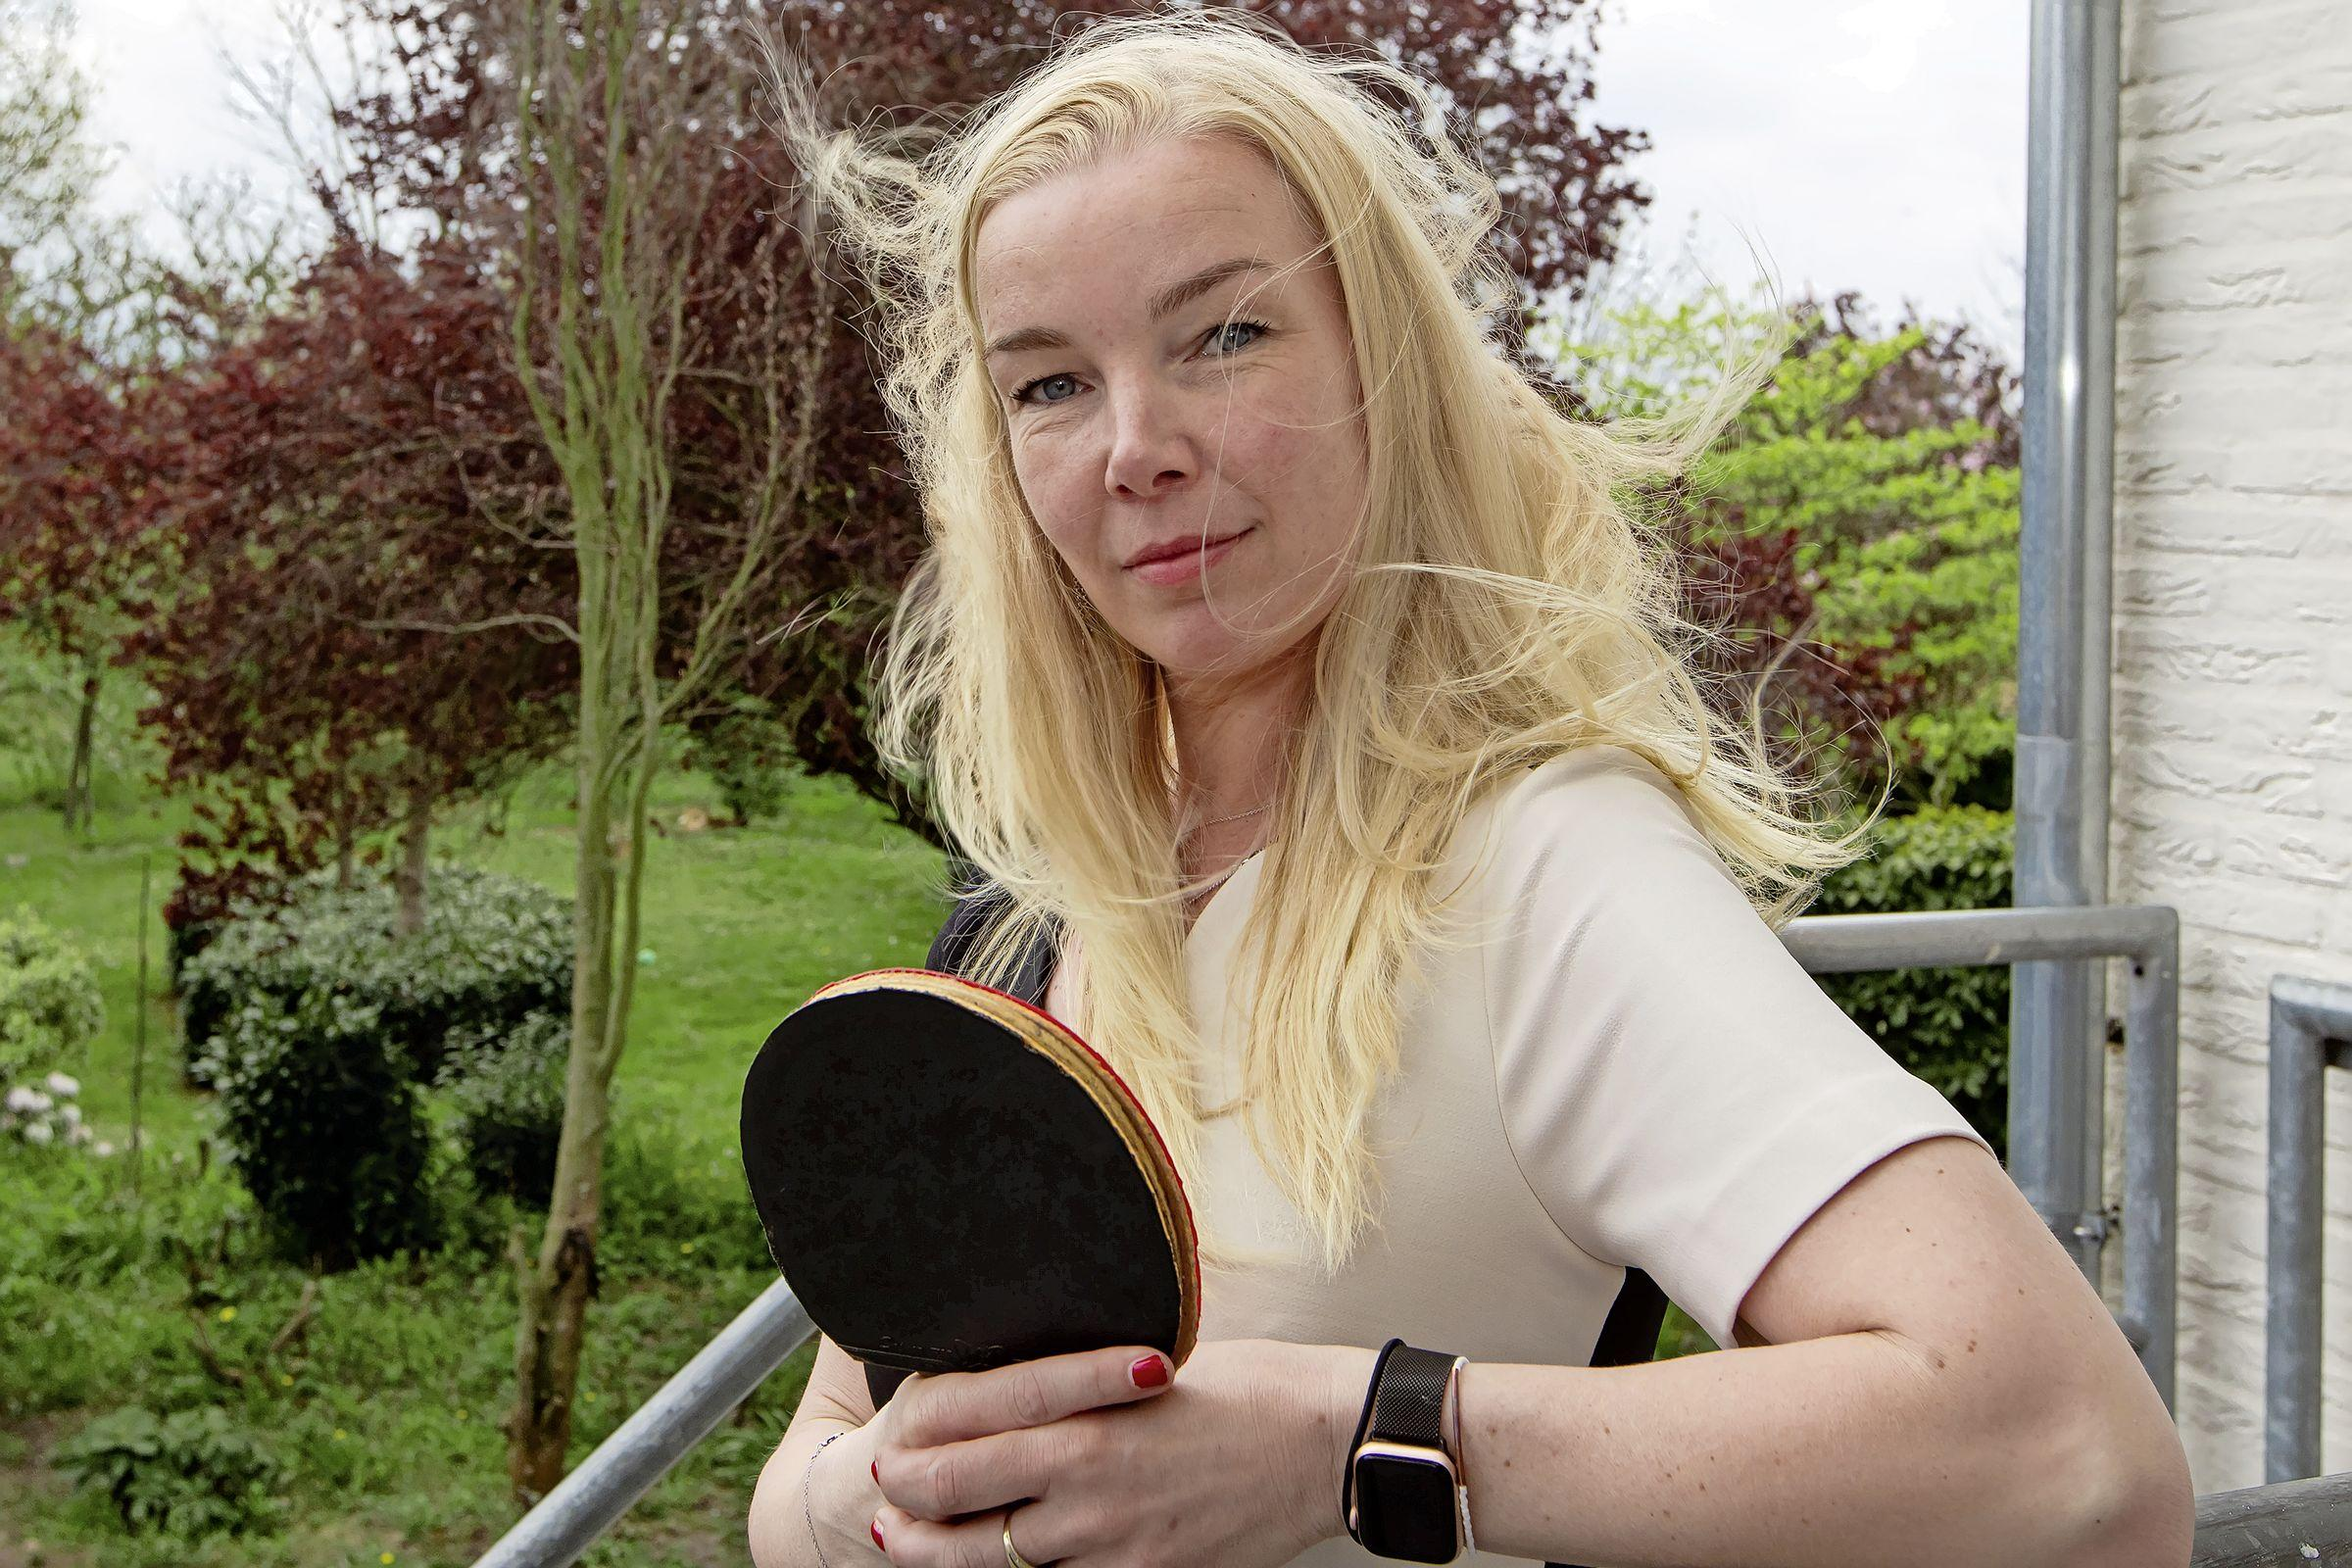 Marloes de Smet (41) bereikte met DOV de eredivisie tafeltennis, ze blikt terug op haar sportcarrière: 'Spelen in Italië was mooi, professioneler dan in Nederland'